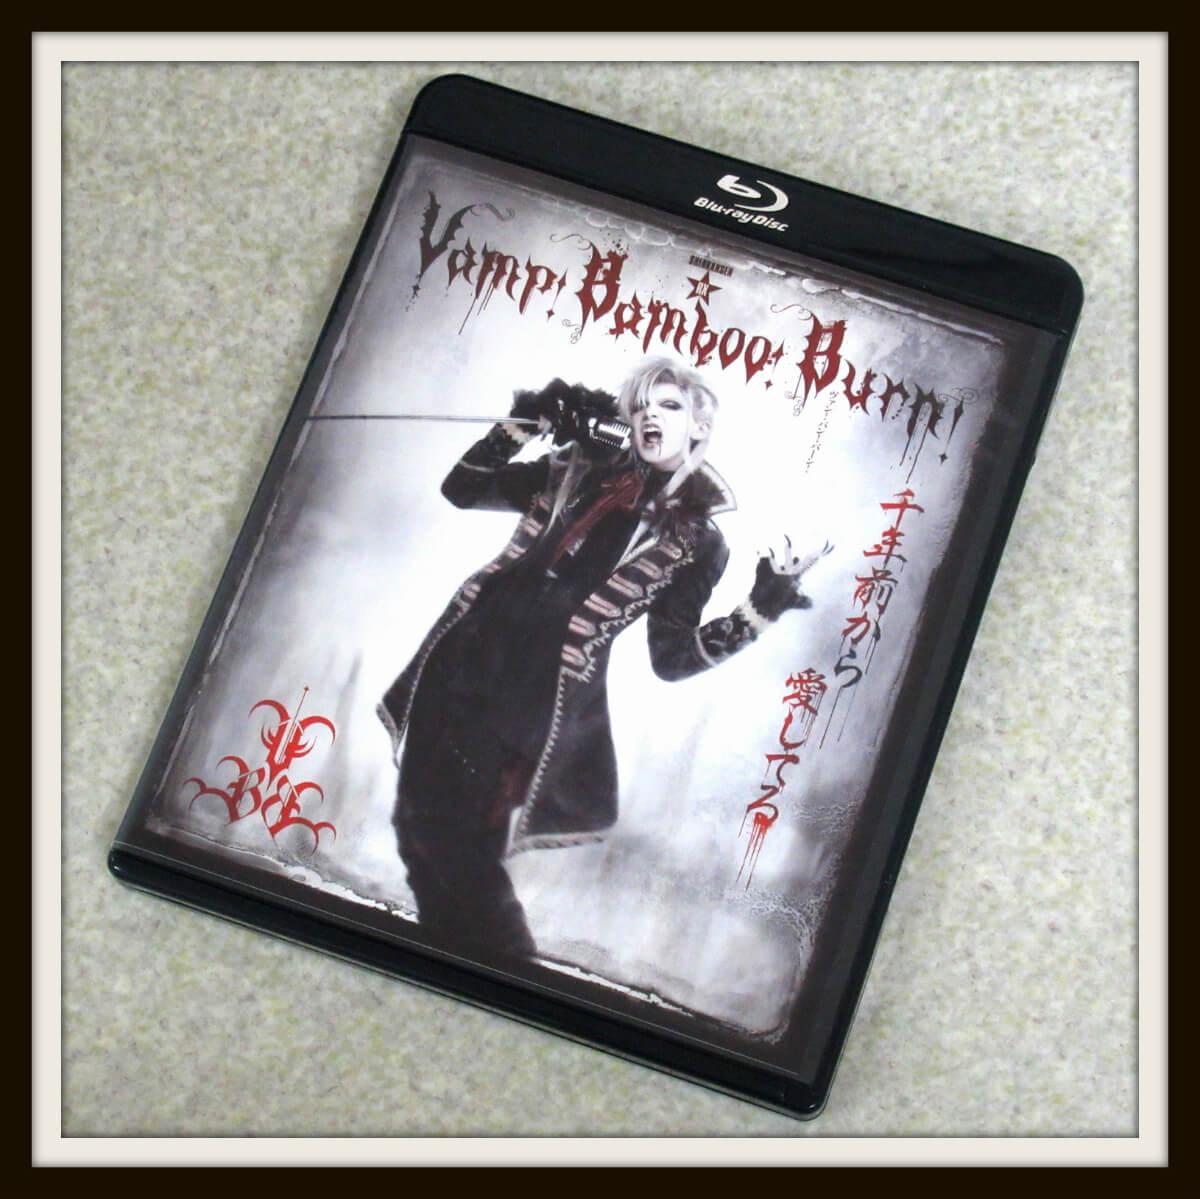 Vamp! Bamboo! Burn! Blu-ray